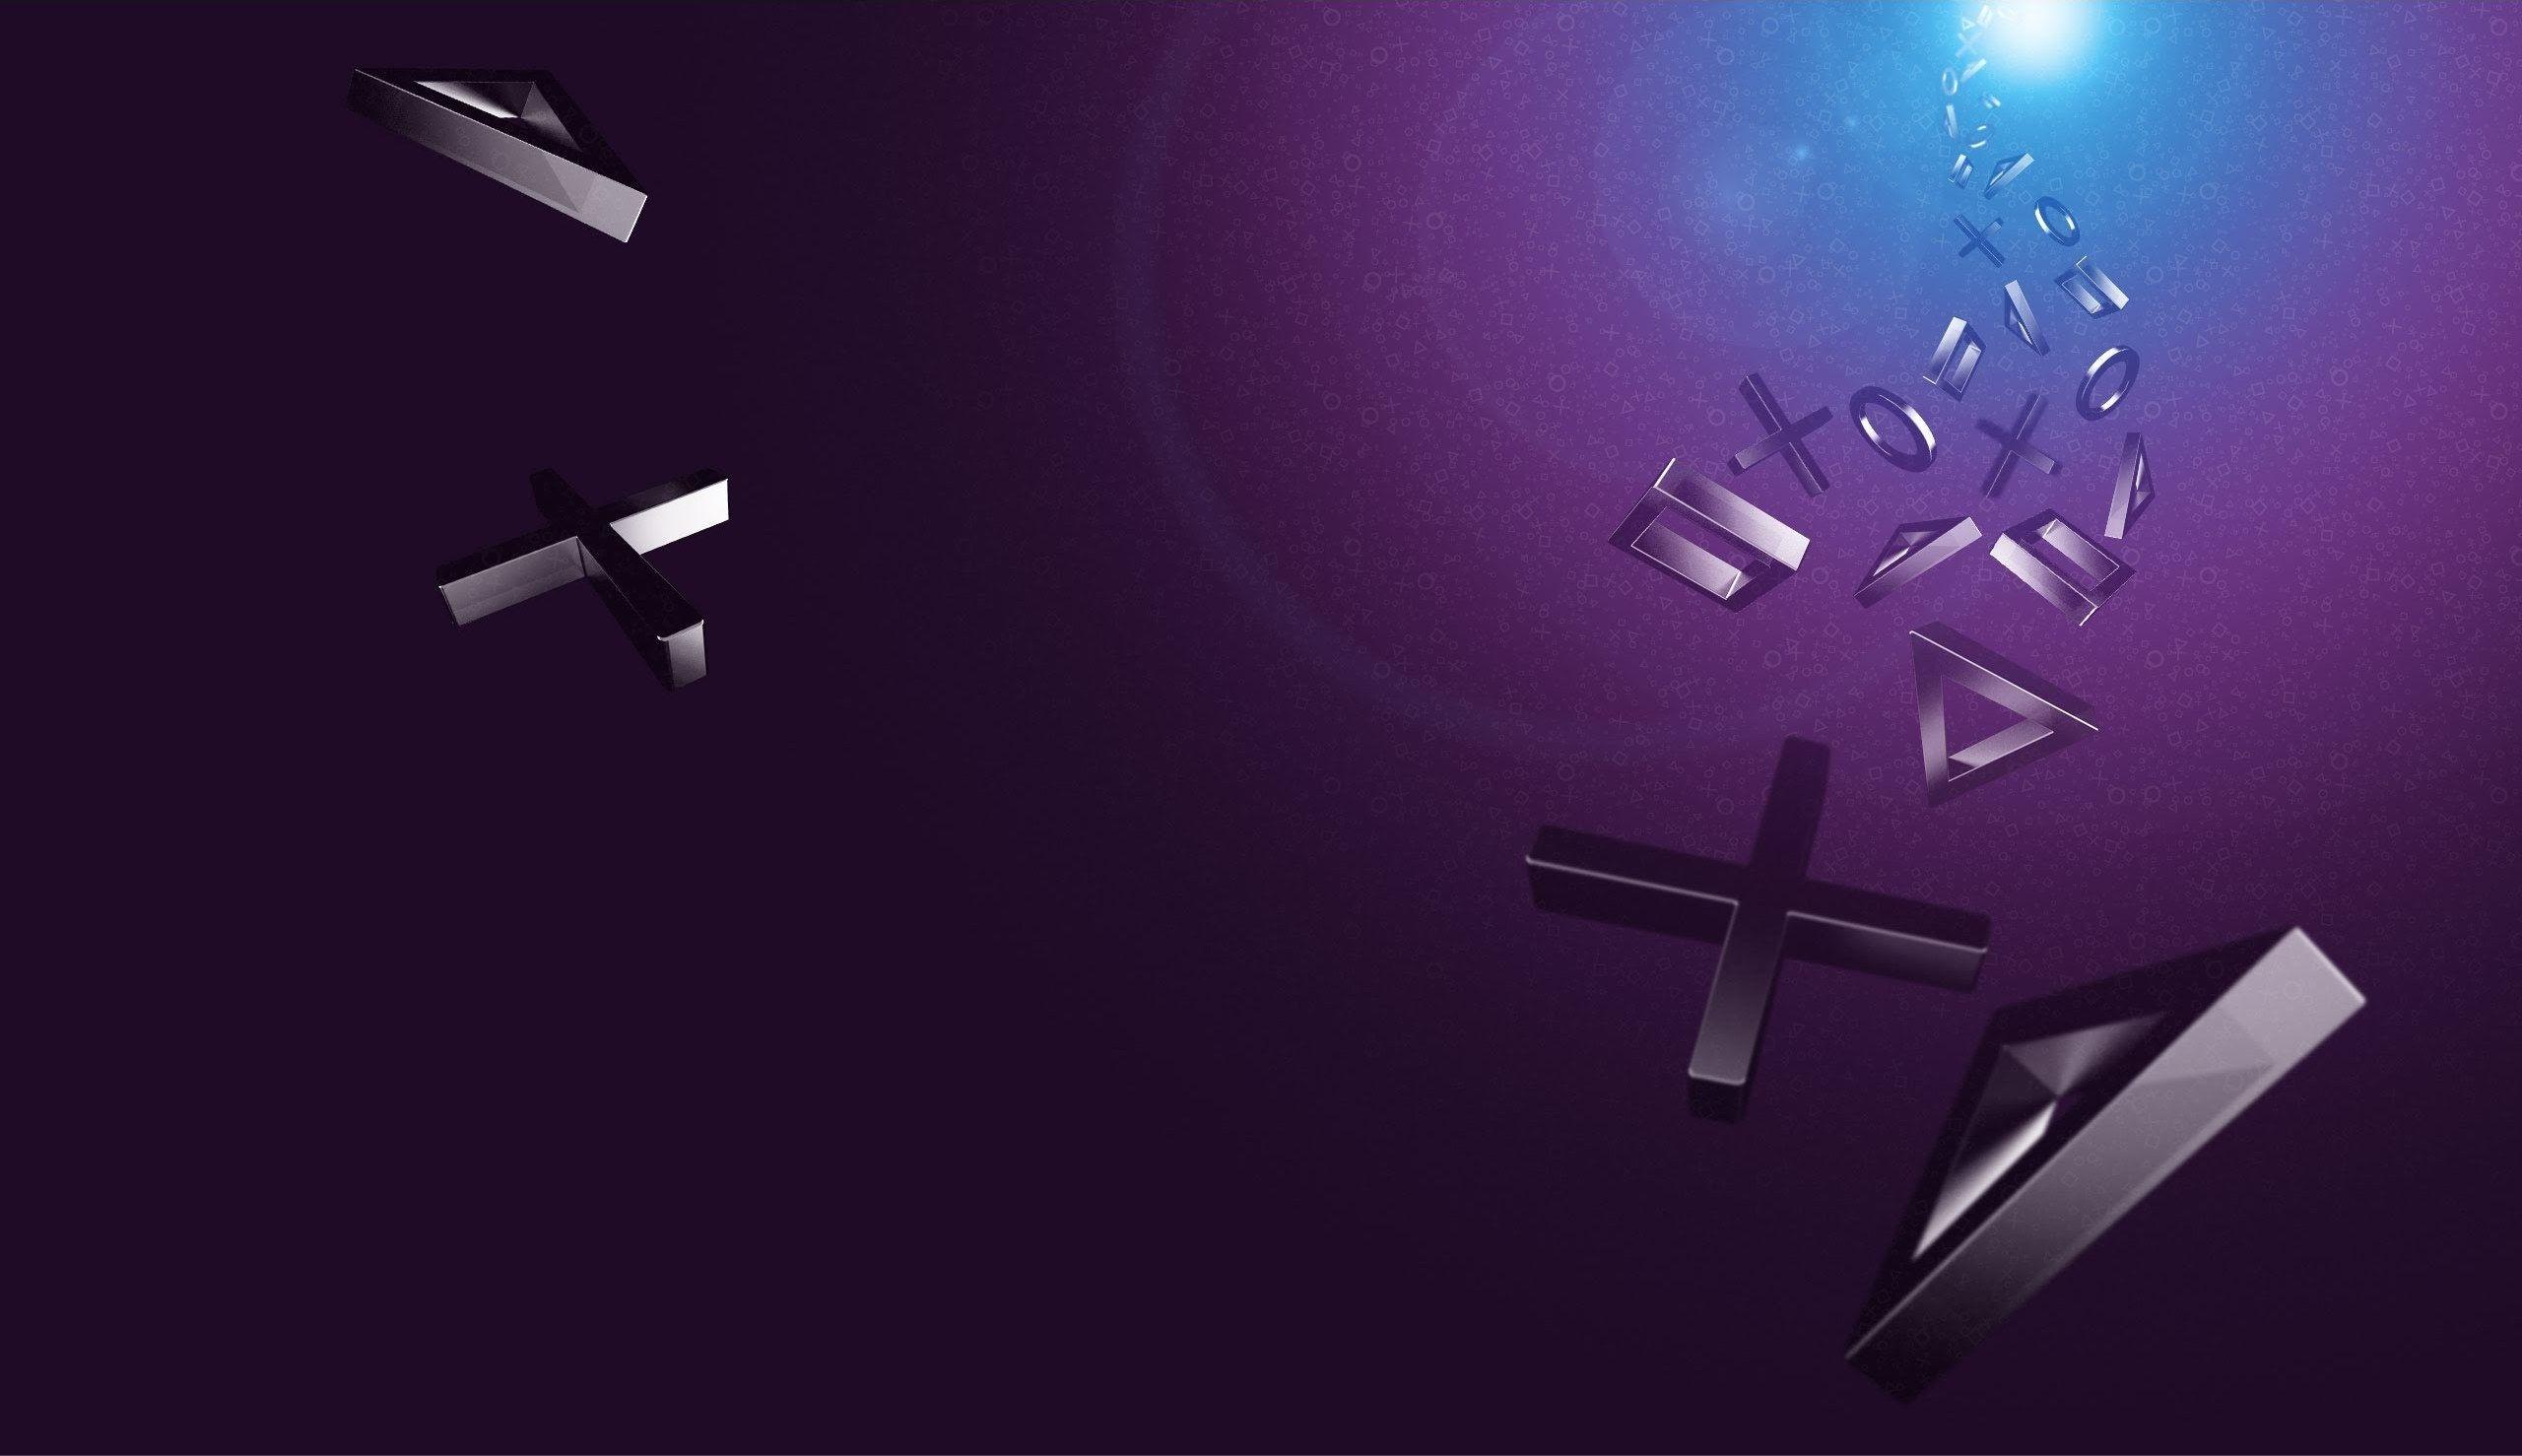 playstation logos wallpaper | playstation x○□△ | pinterest